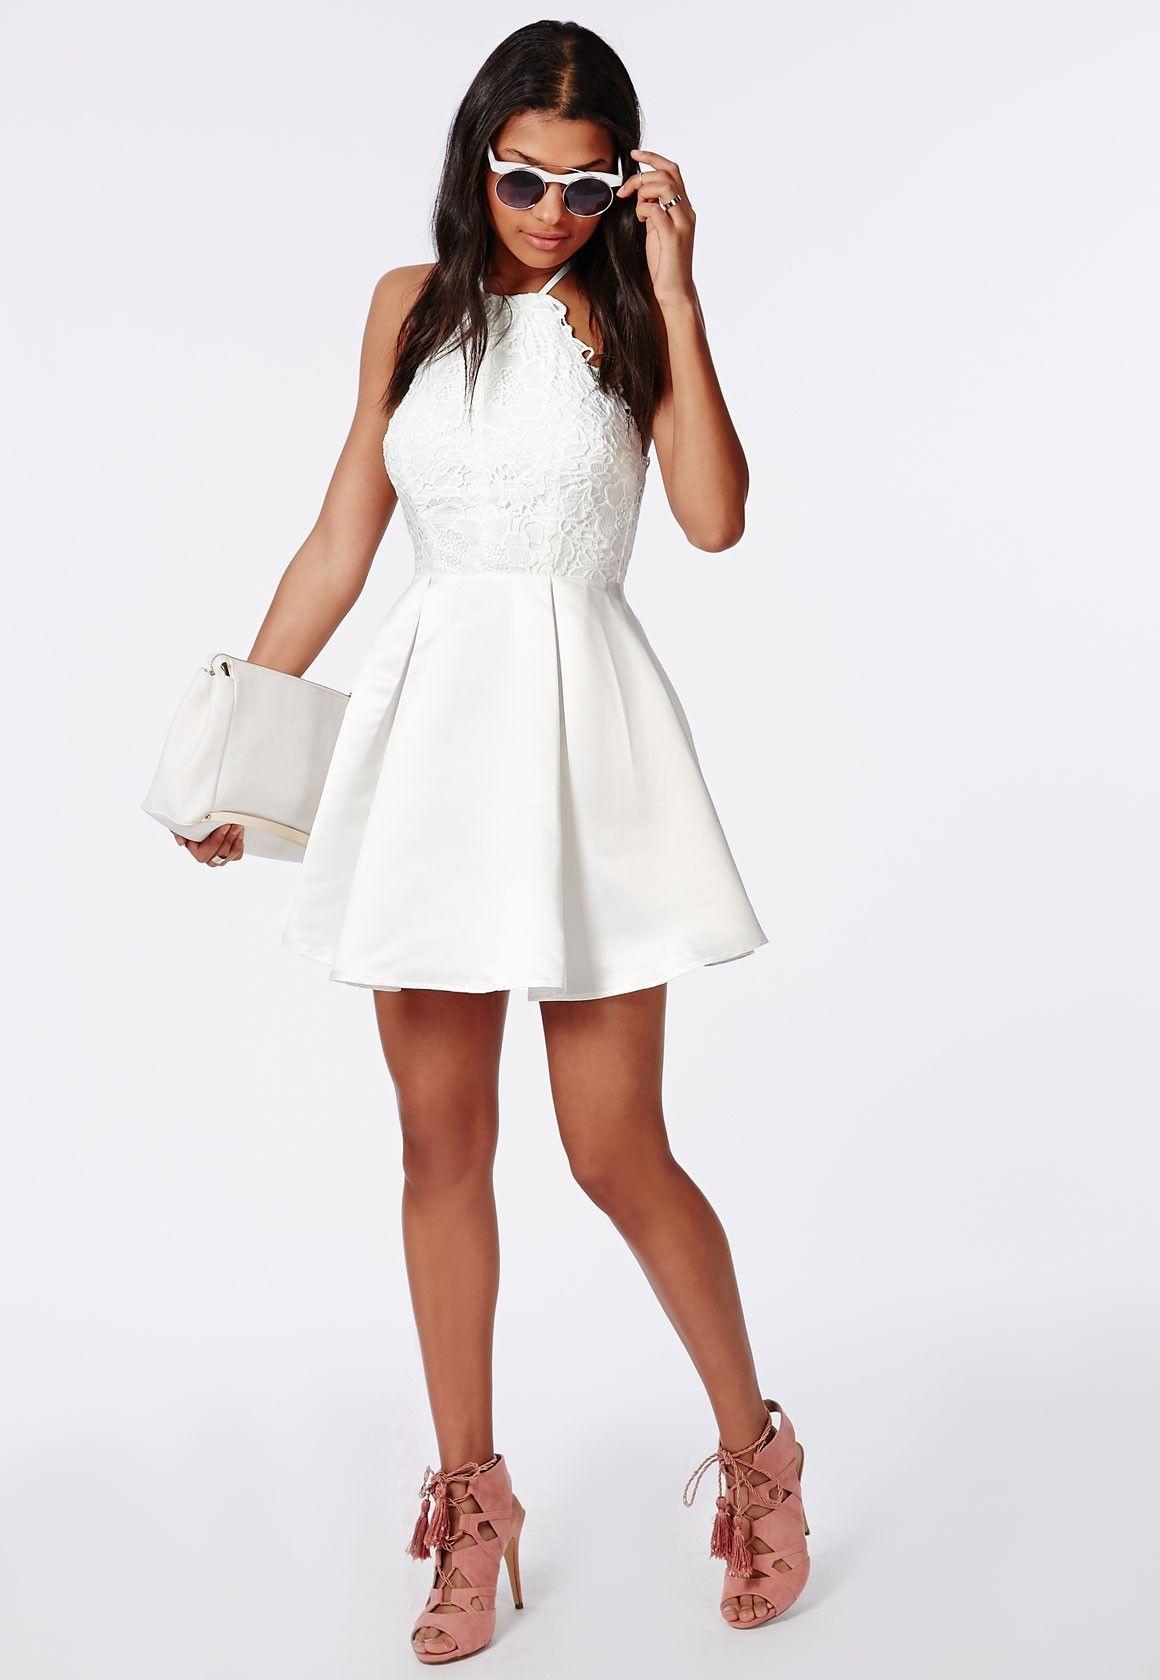 Lace Halterneck Skater Dress White - Dresses - Skater Dresses - Missguided   cb395ccb7